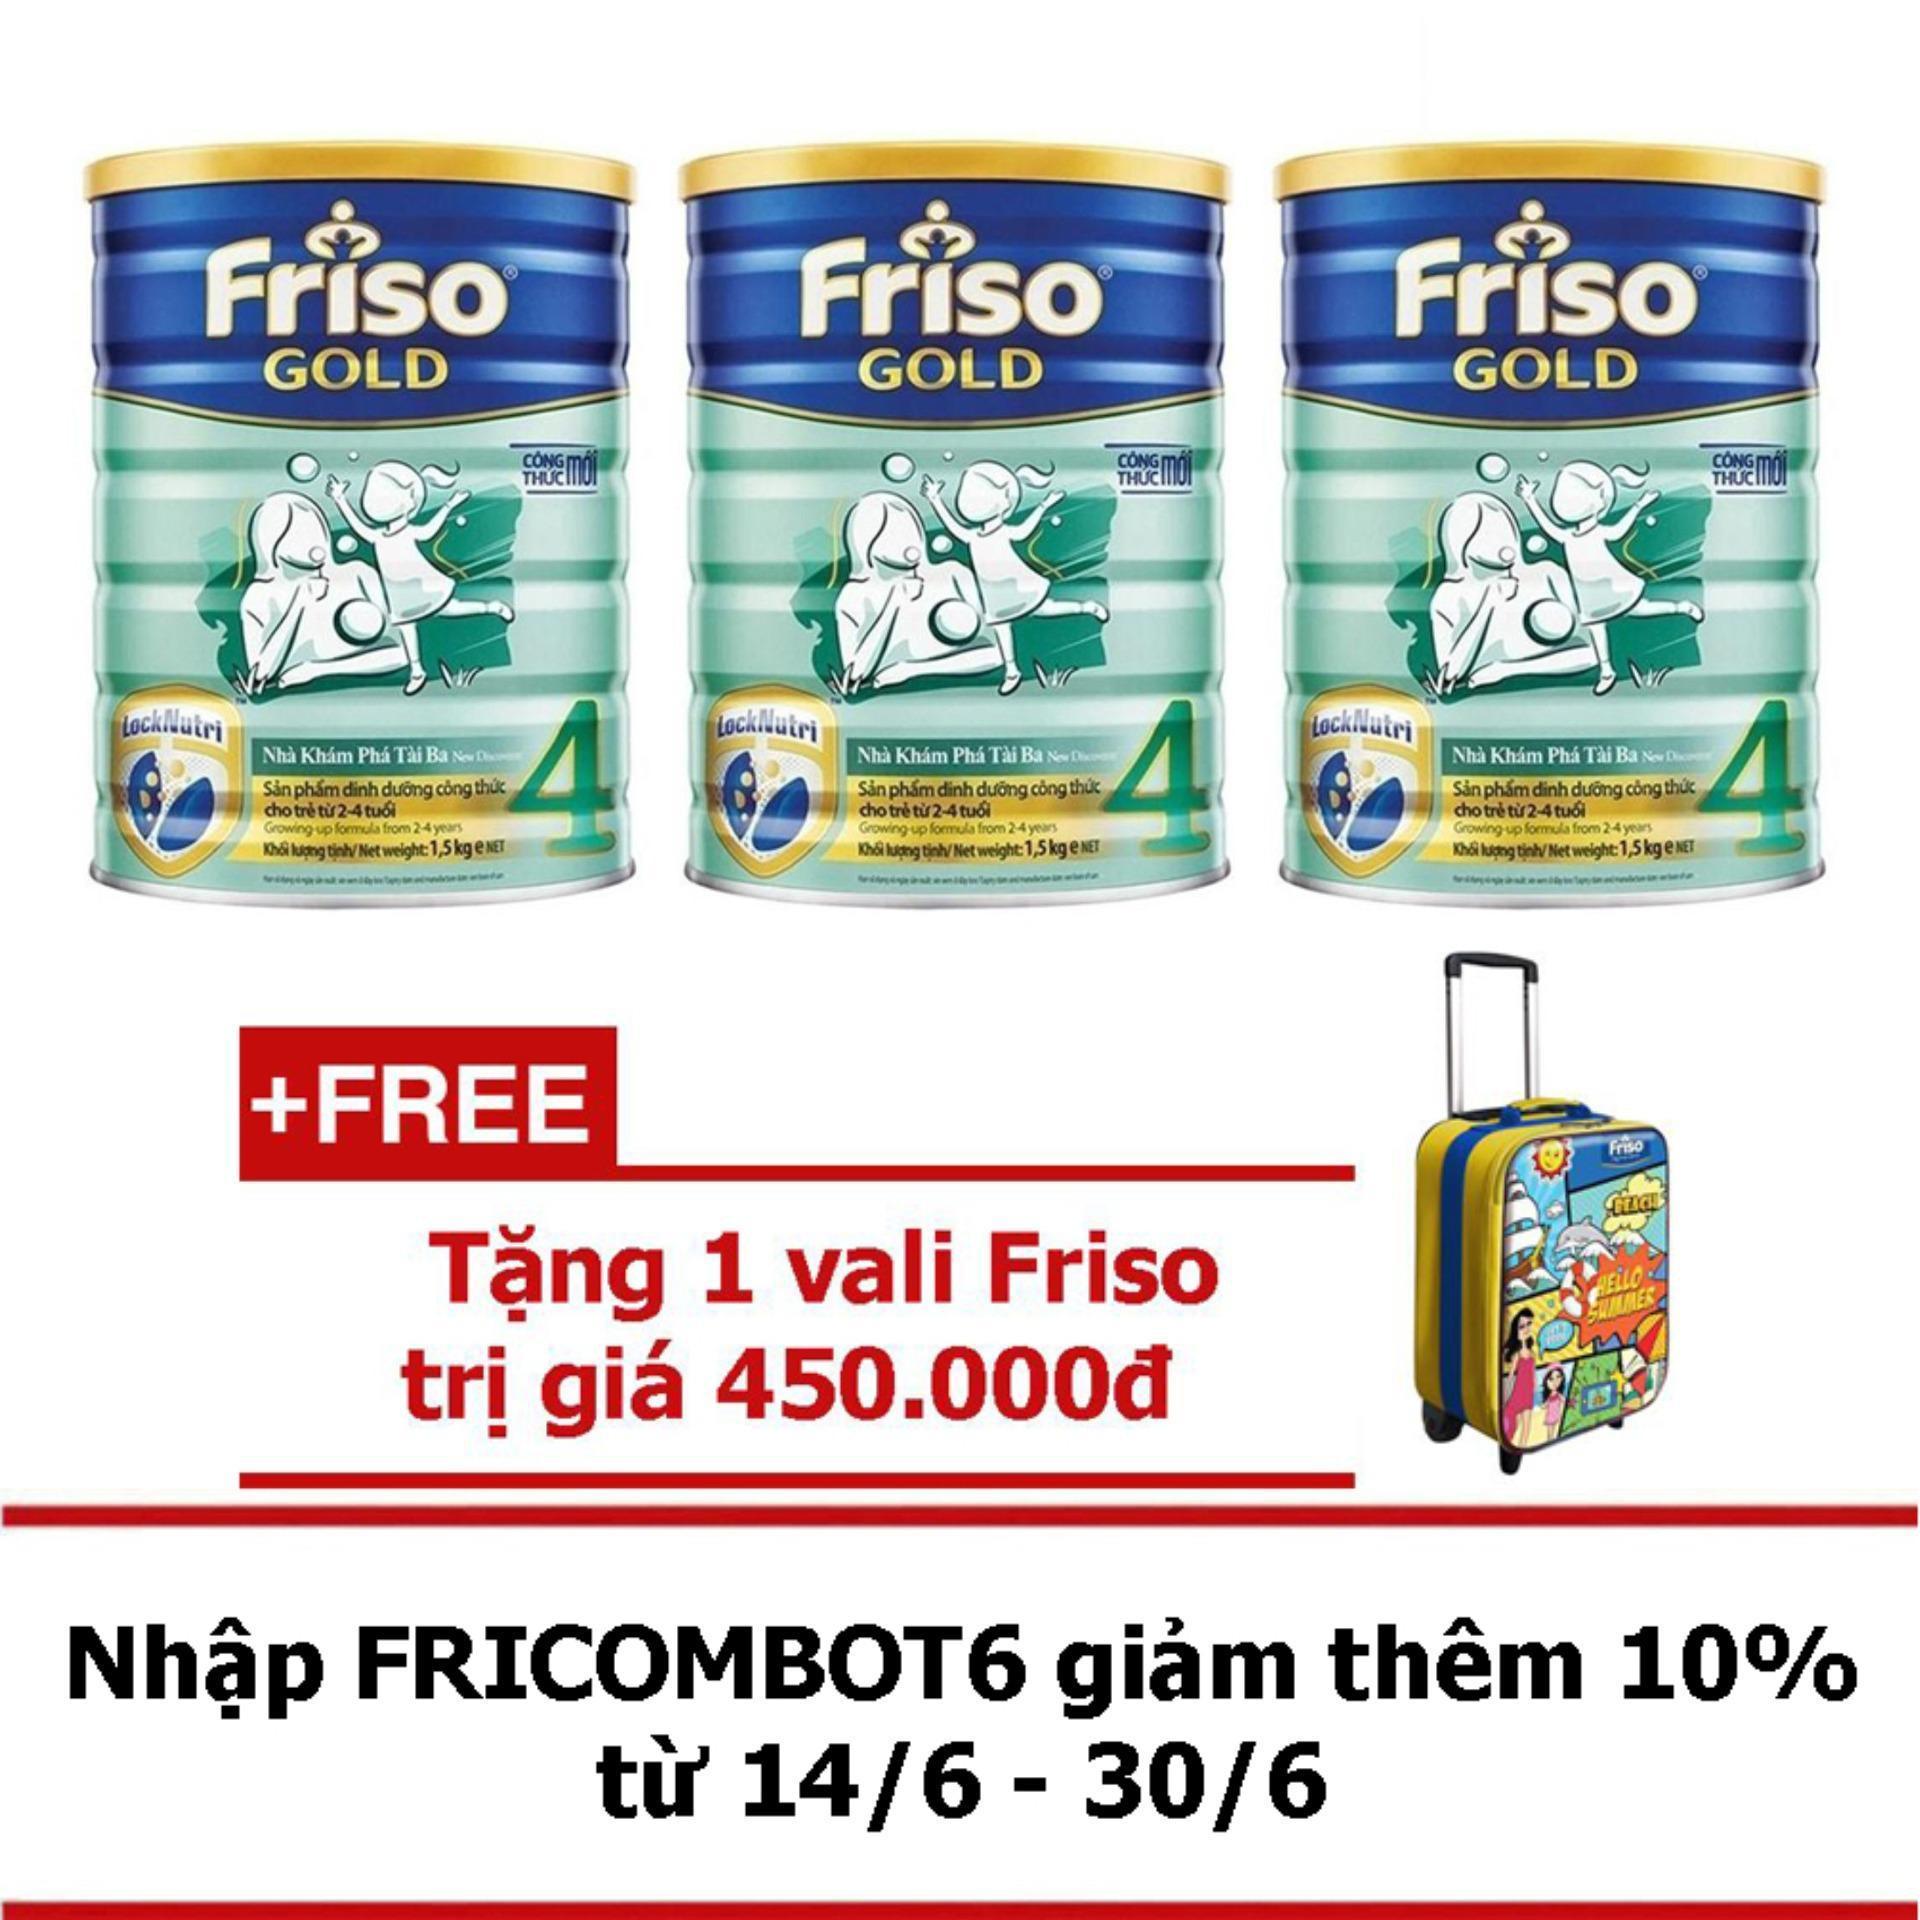 Hình ảnh Bộ 3 Sữa bột Friso Gold 4 1.5kg + Tặng 1 vali Friso trị giá 450.000đ